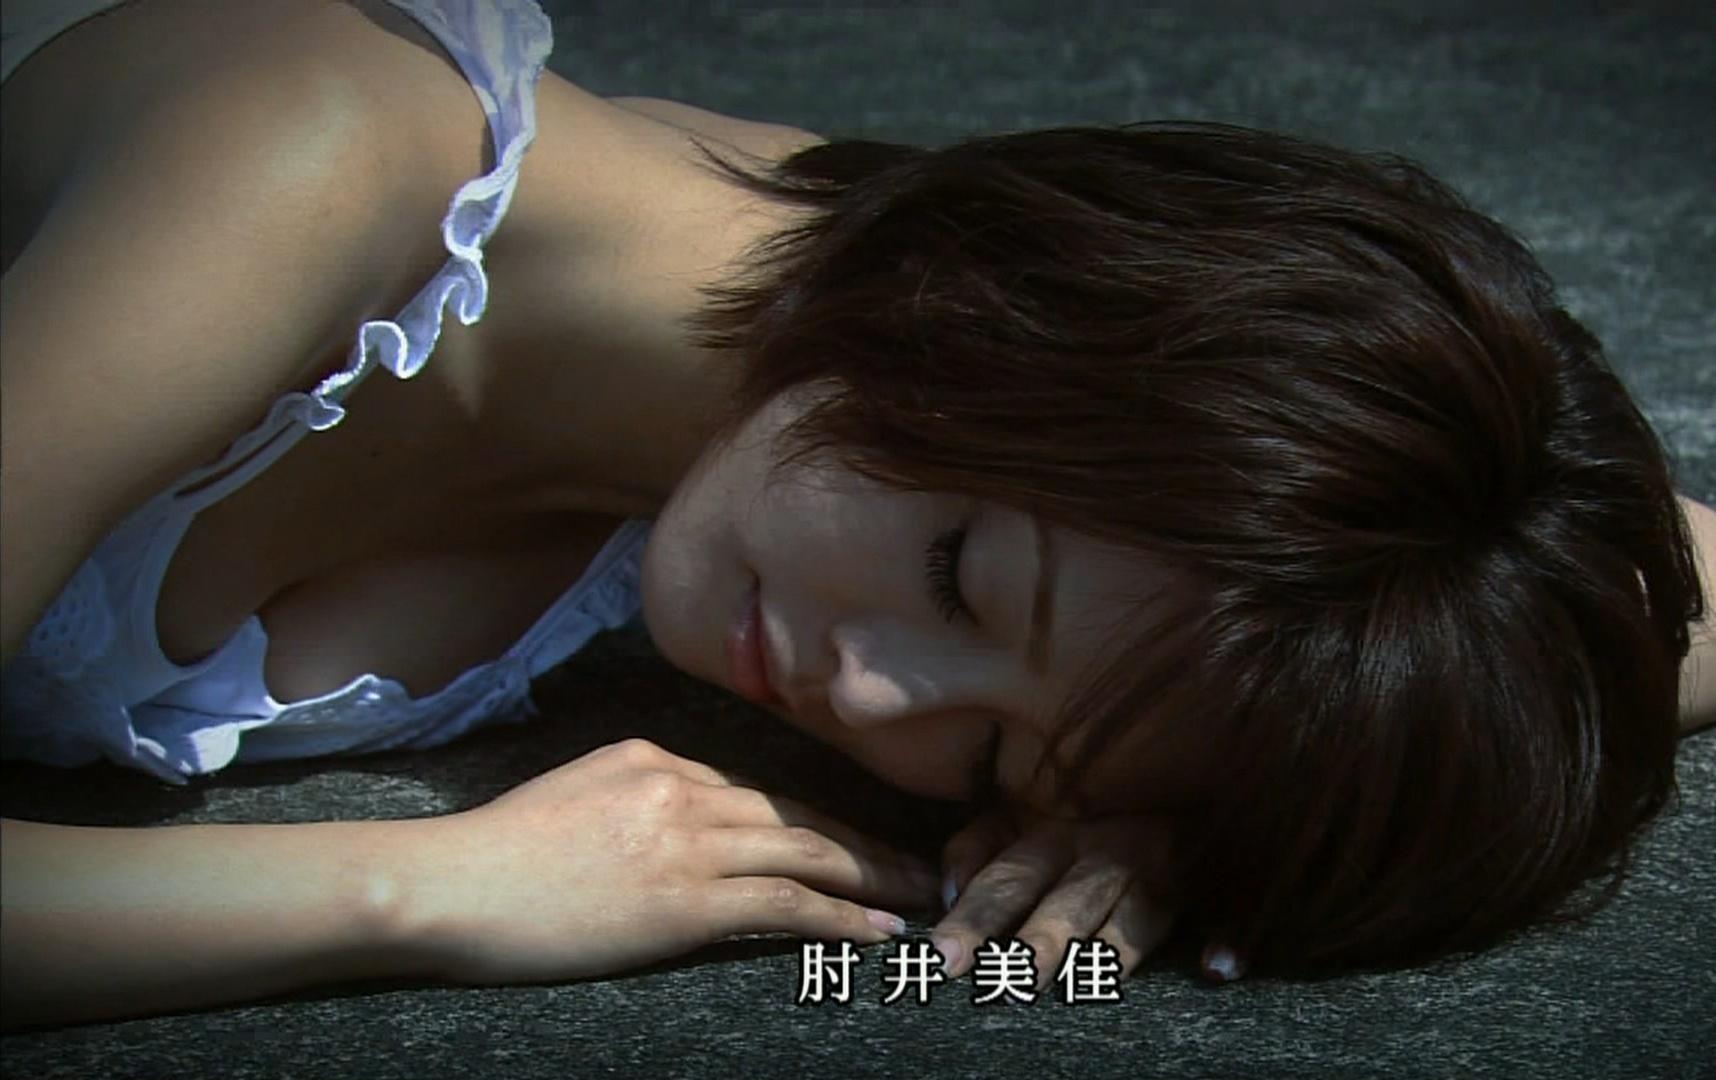 釈由美子 大胆な胸チラキャプ画像(エロ・アイコラ画像)